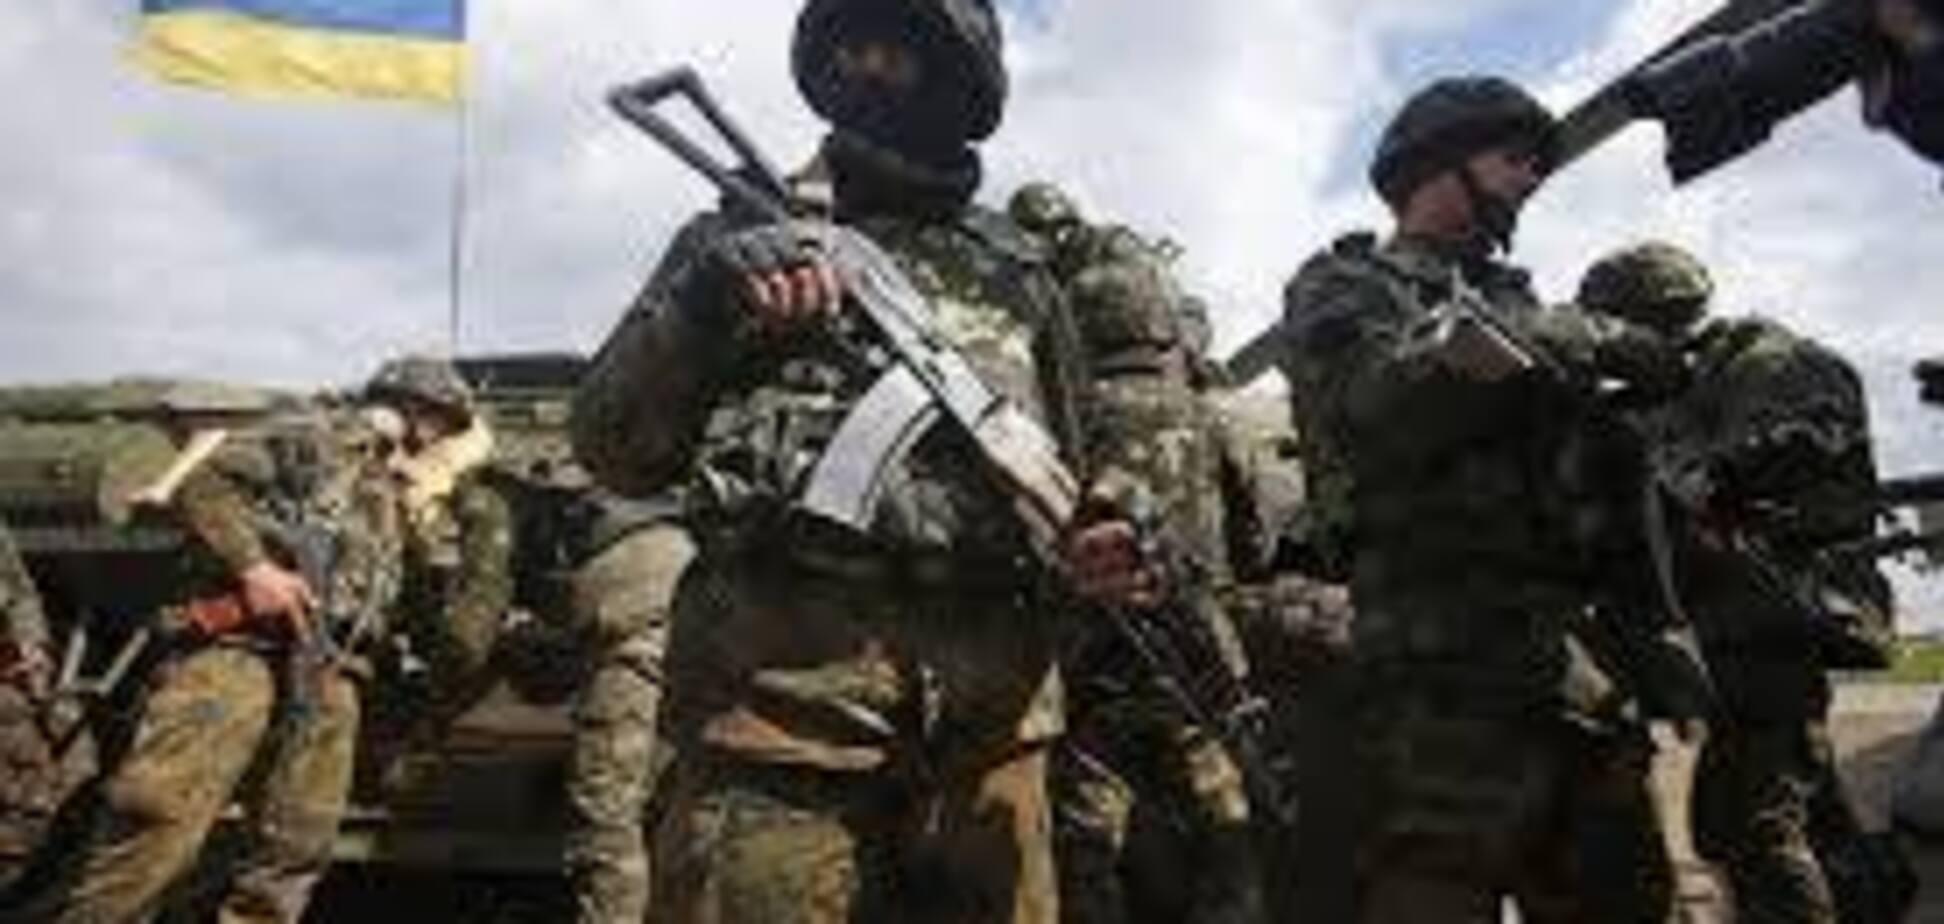 На Донбасі розгорілися криваві бої: у бійців ЗСУ з'явилися серйозні проблеми